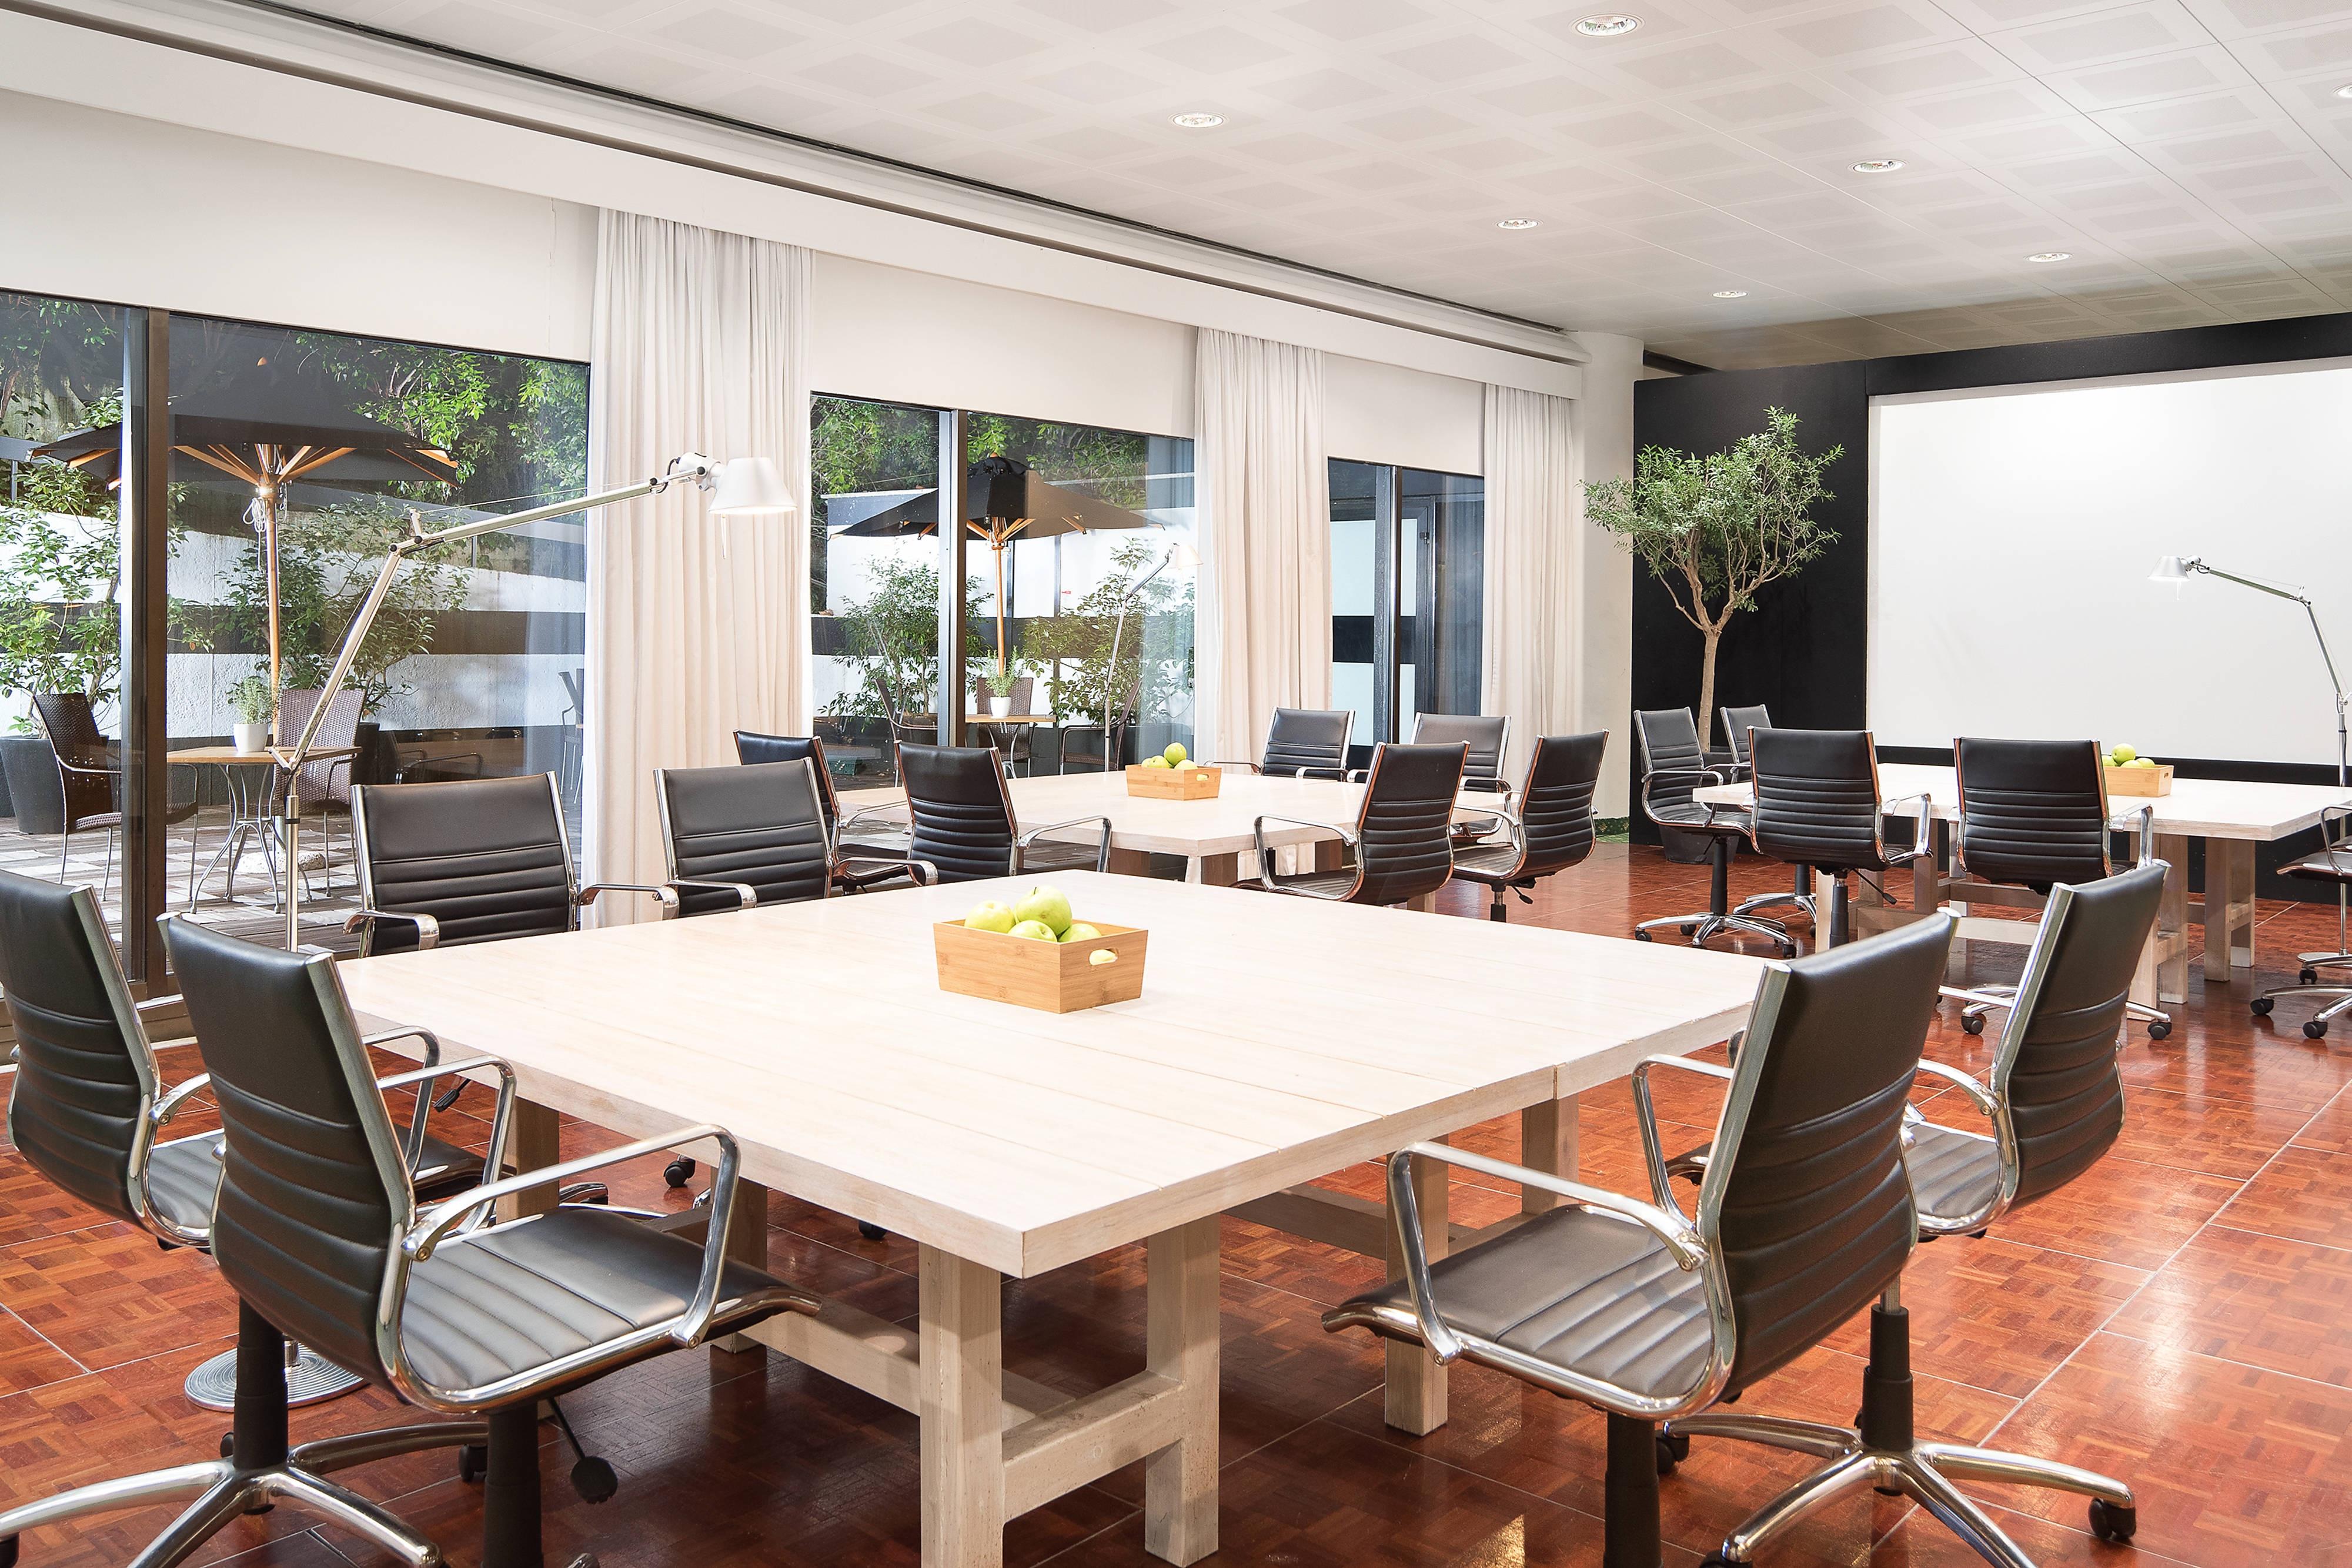 Tivoli Meeting Room